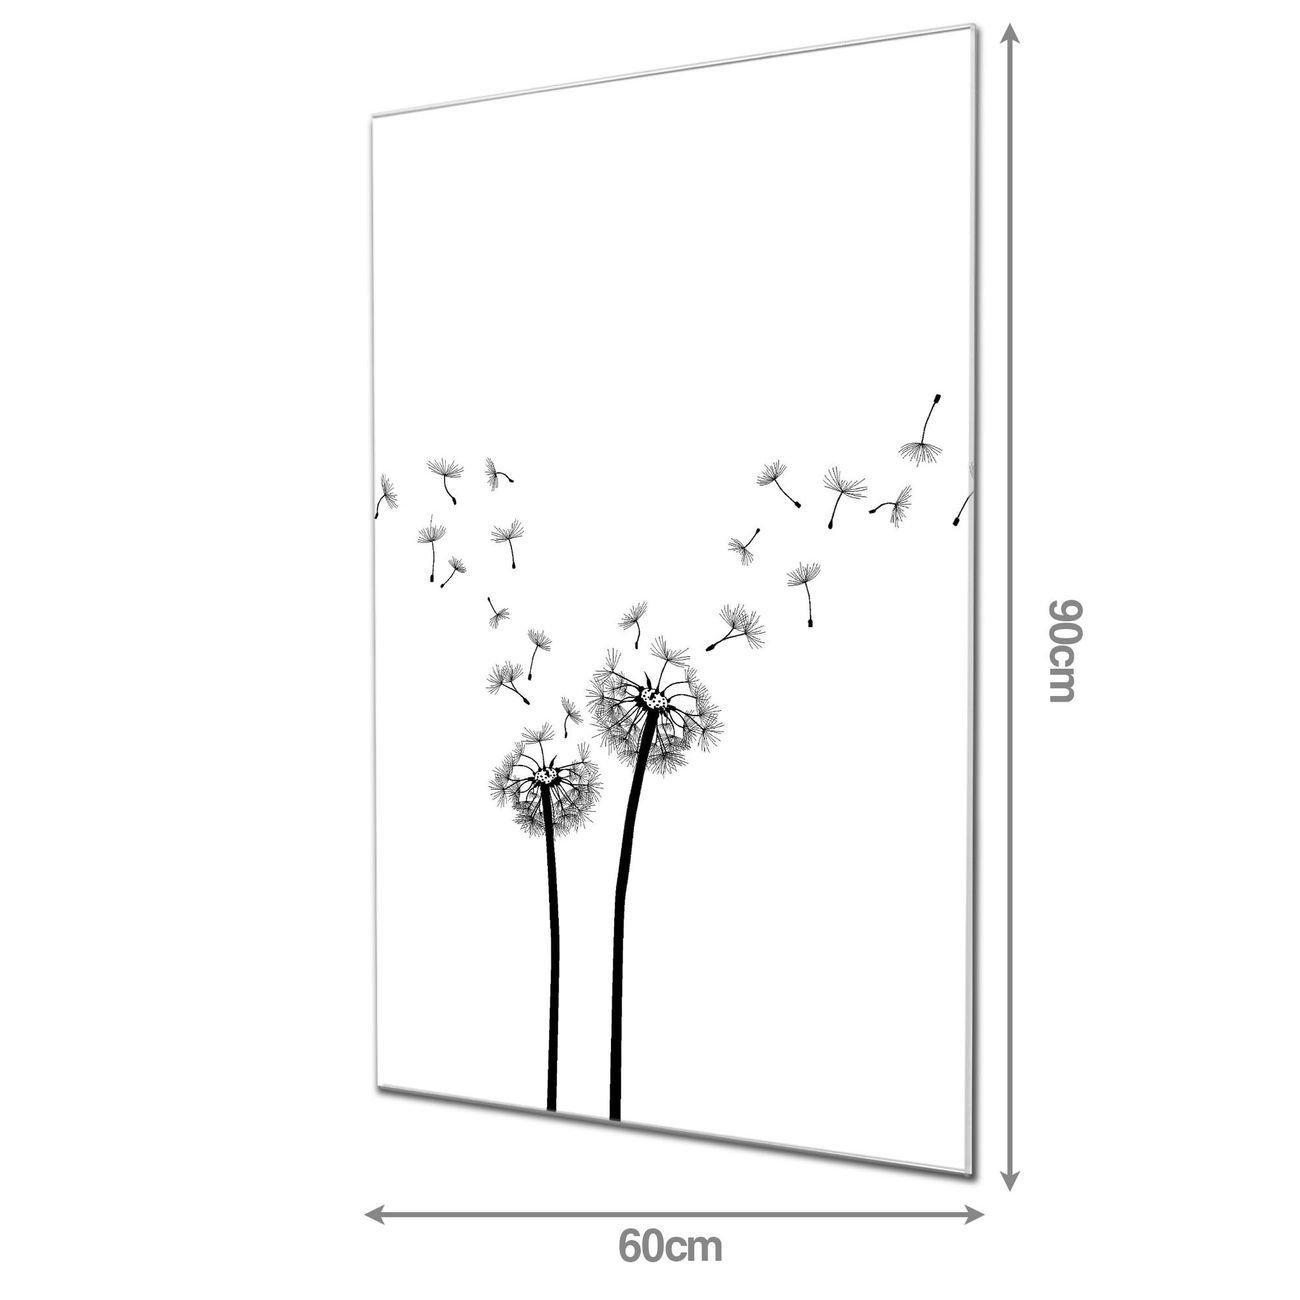 Glas Magnettafel im Hochformat Pusteblume 2